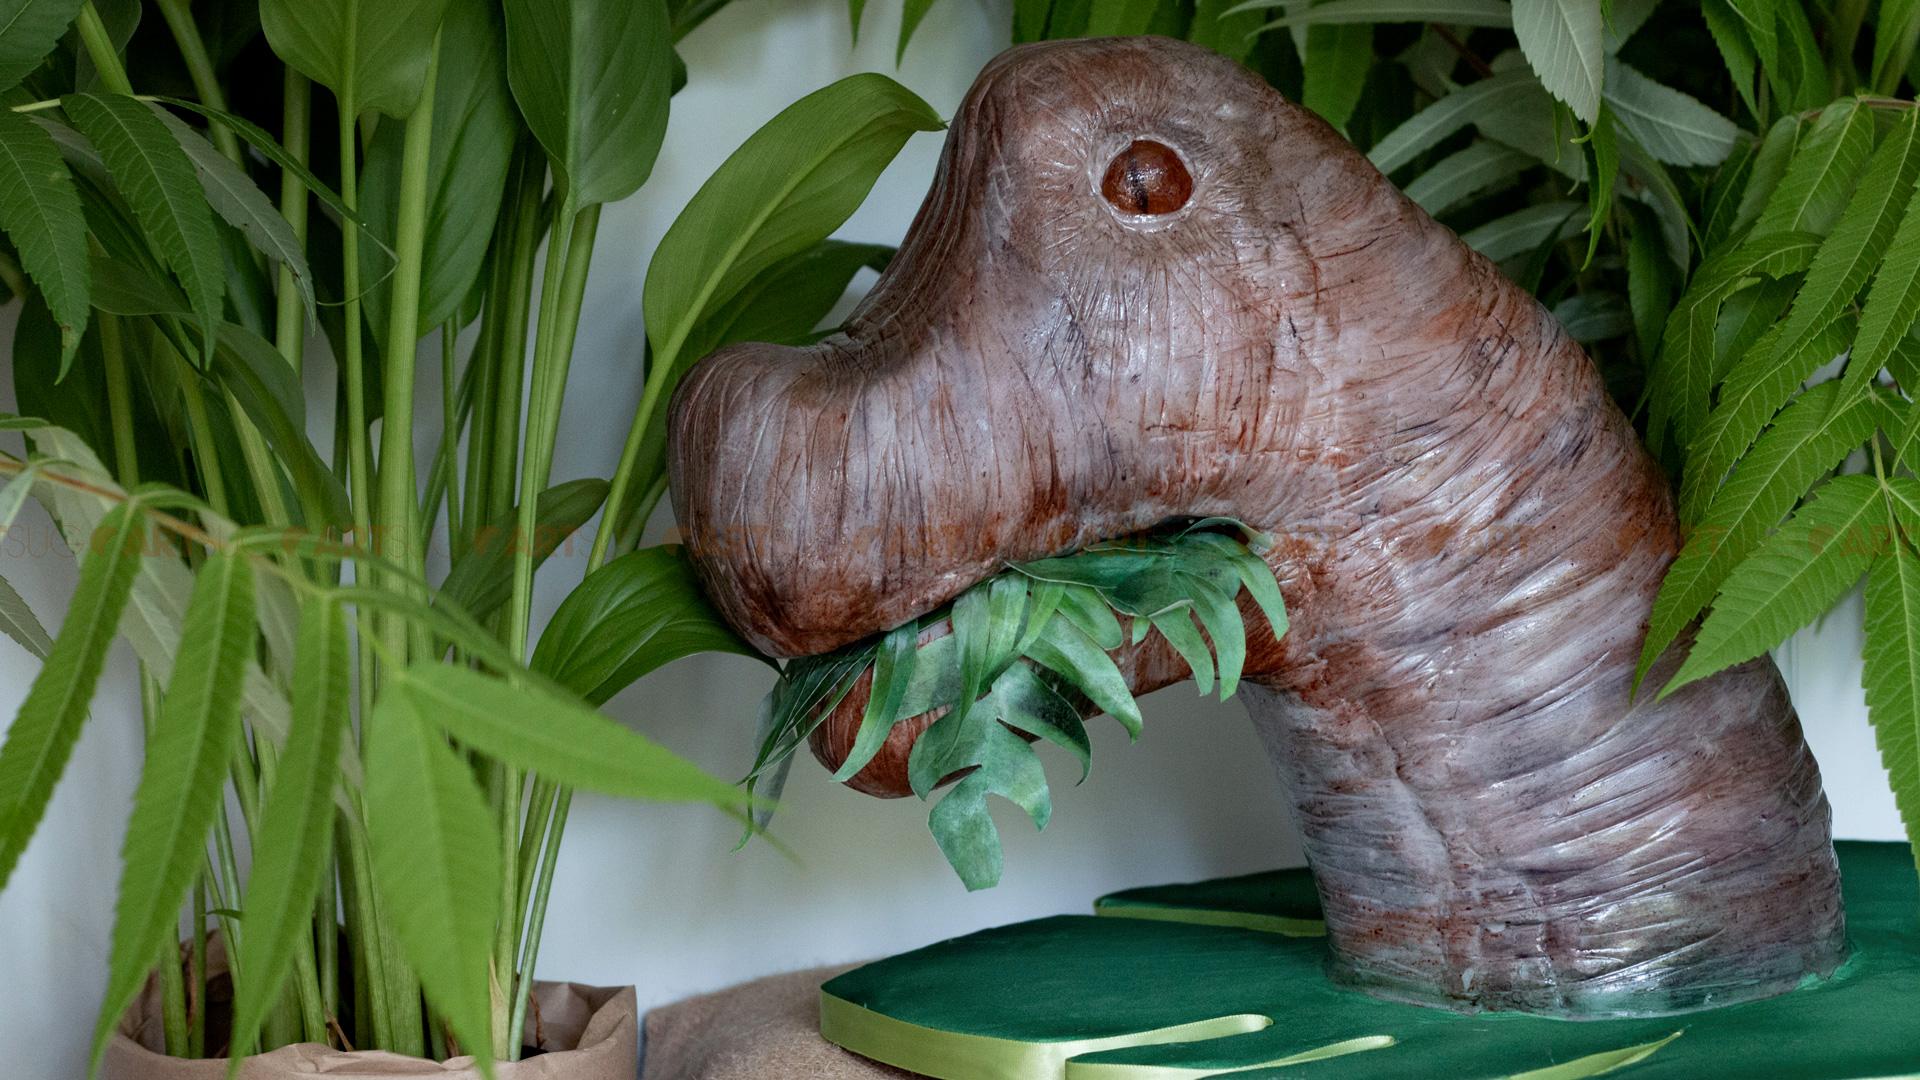 Gâteau dinosaure 3D pour un anniversaire Jurassic Park